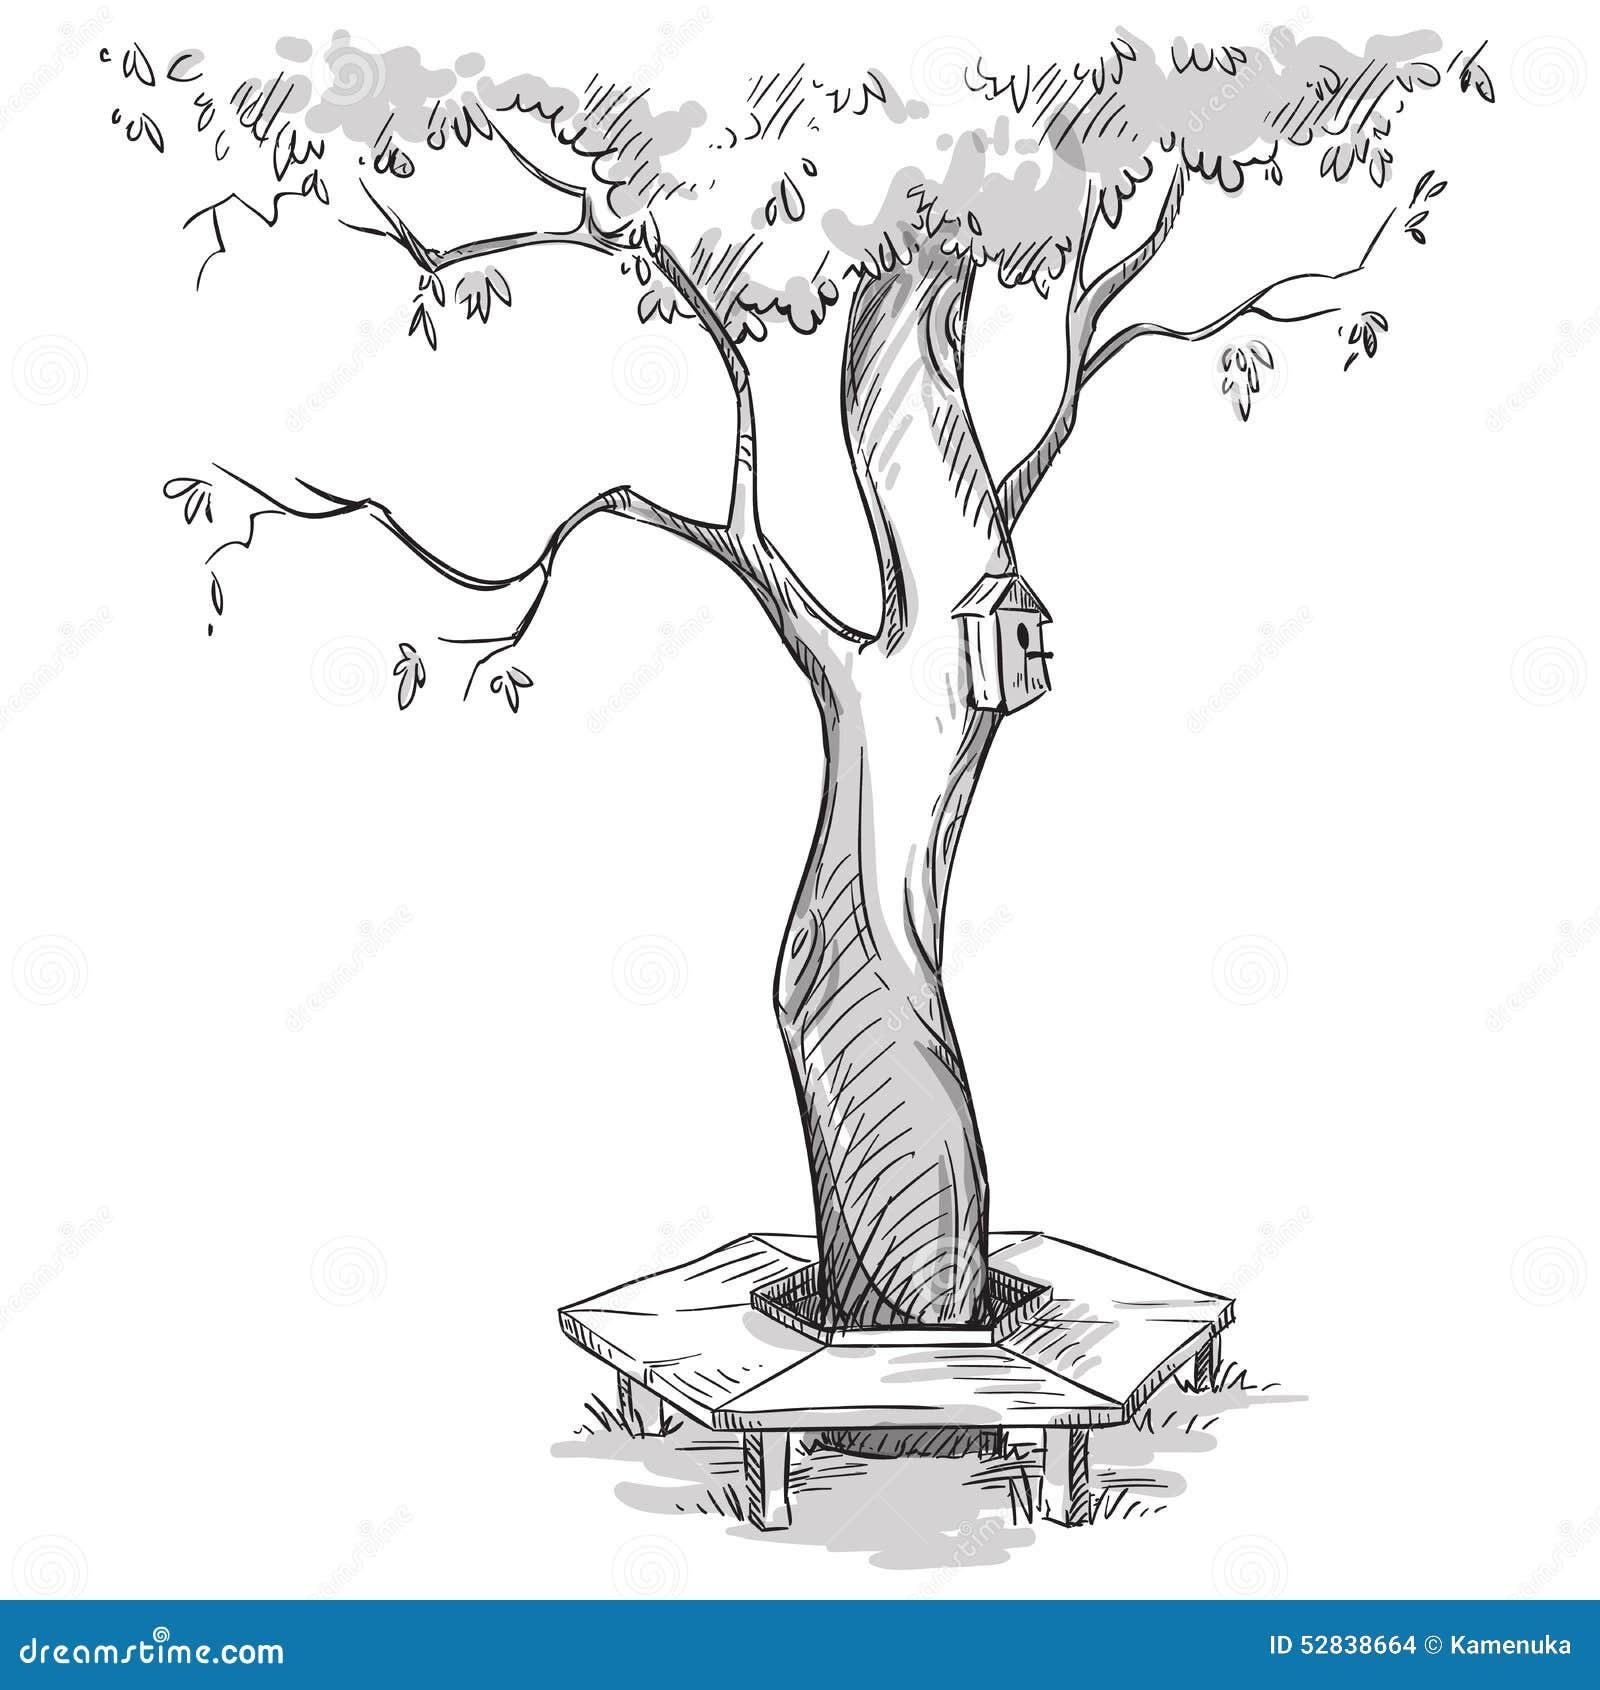 :Mais imagens similares de ` Jardim Árvore e um banco de madeira em #84A526 1300x1390